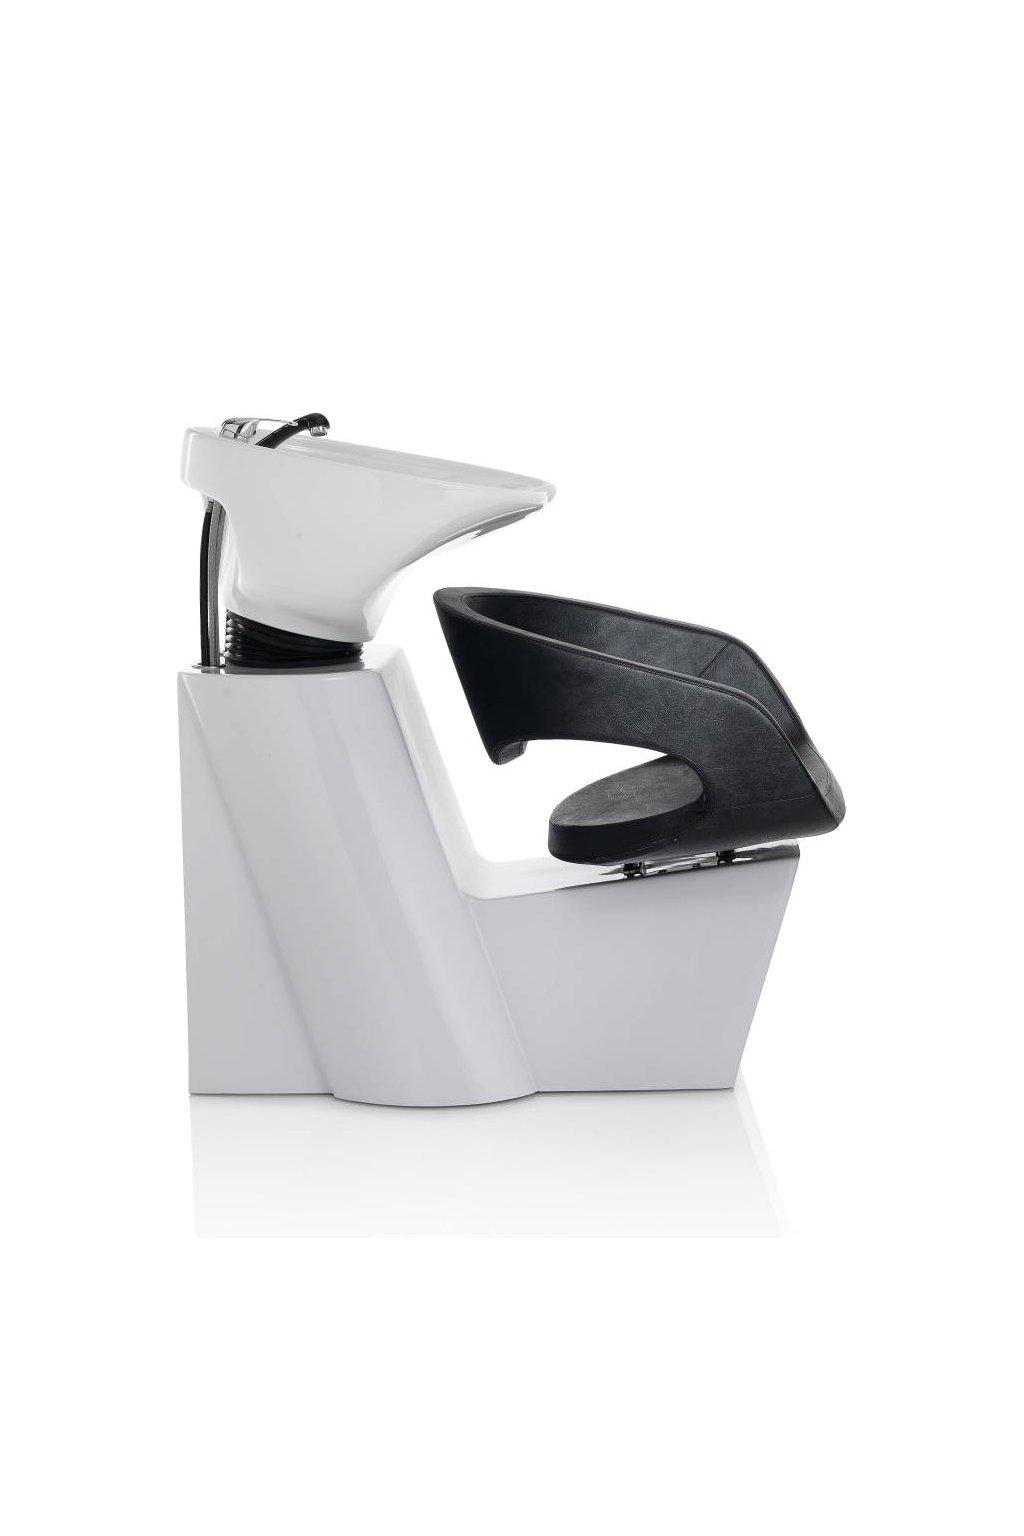 Mycí BOX WAVE keramika bílá, koženka černá (Báze Světlá)